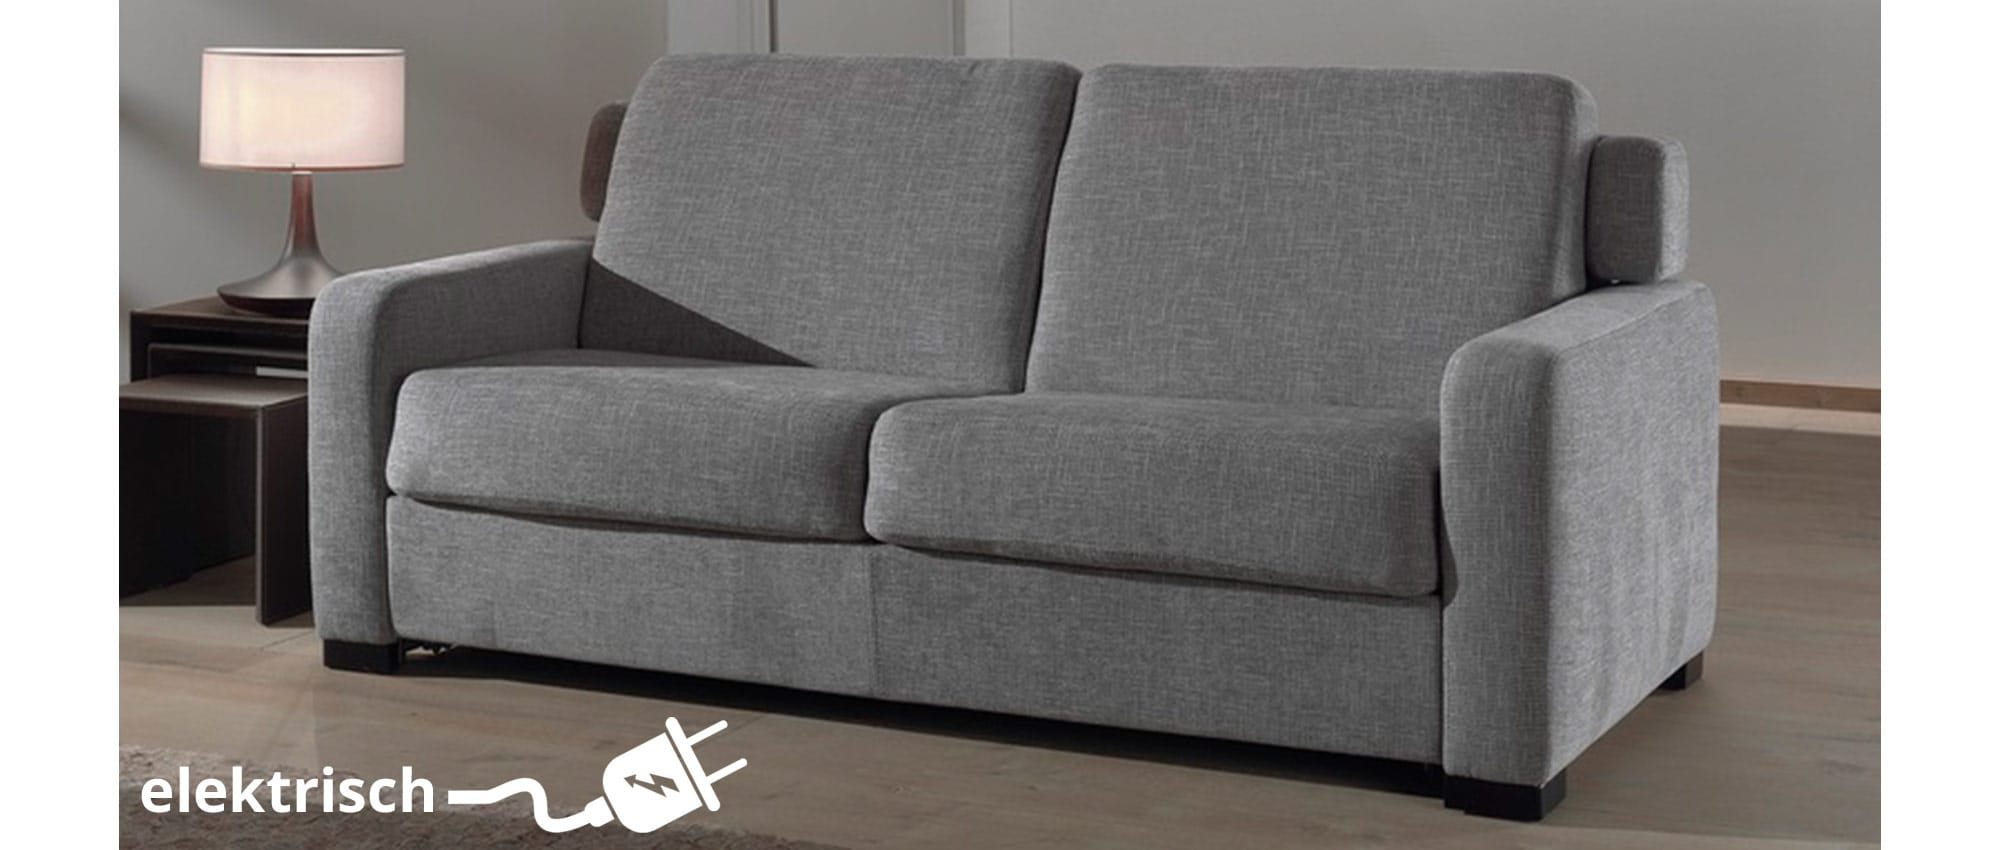 schlafsofas klappbar bettdecken welches material schlafzimmer set 4 tlg rauch steffen feng. Black Bedroom Furniture Sets. Home Design Ideas